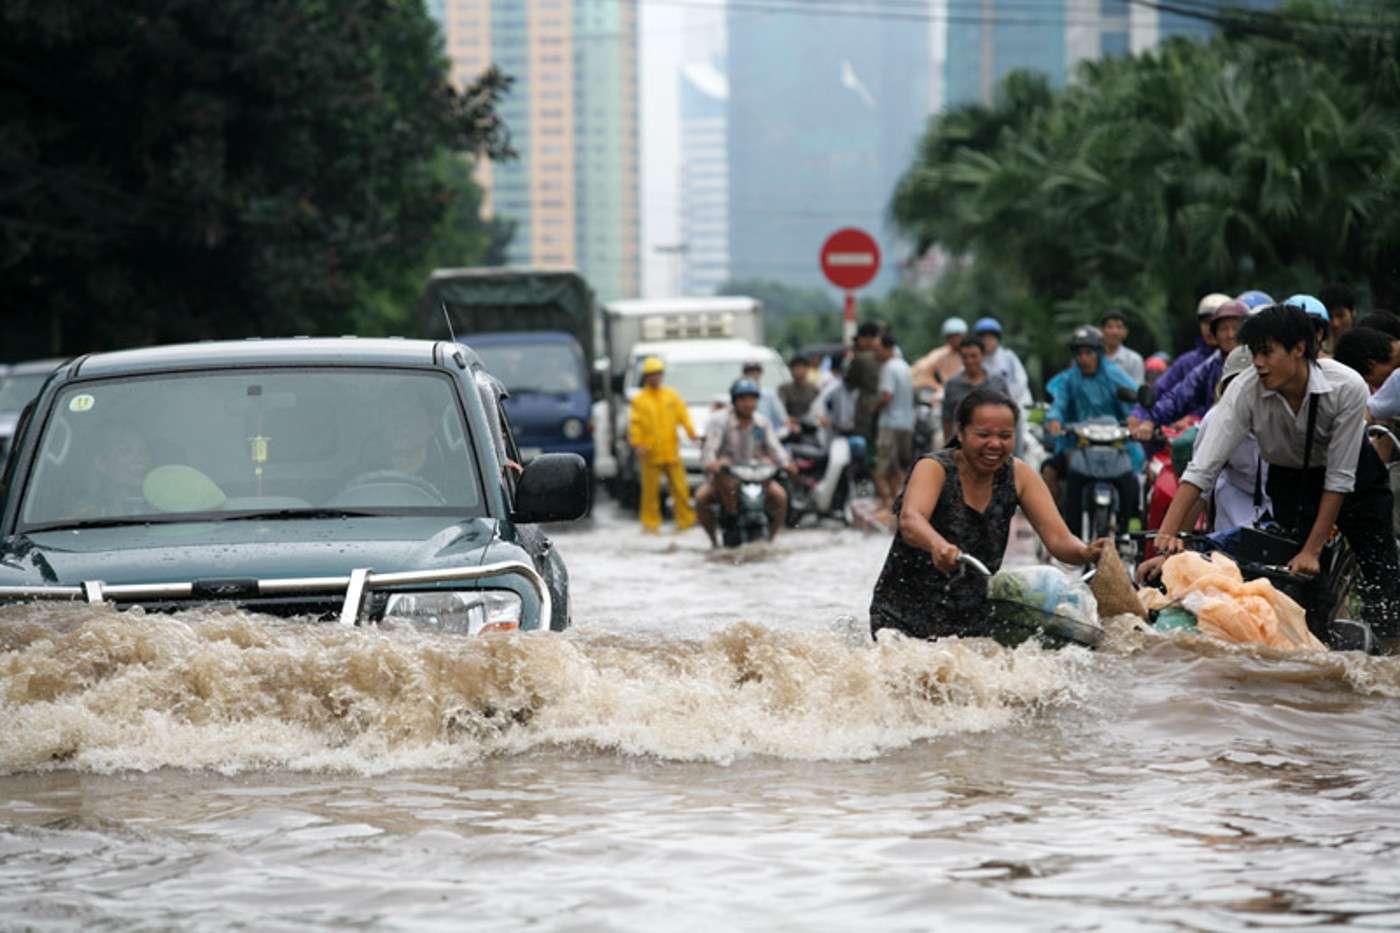 Les inondations ont été nombreuses ces dernières années, surtout en Asie. Celle survenue en 2008, au Vietnam, avait fait une centaine de morts. © haithanh, Wikimedia Commons, CC by 2.0